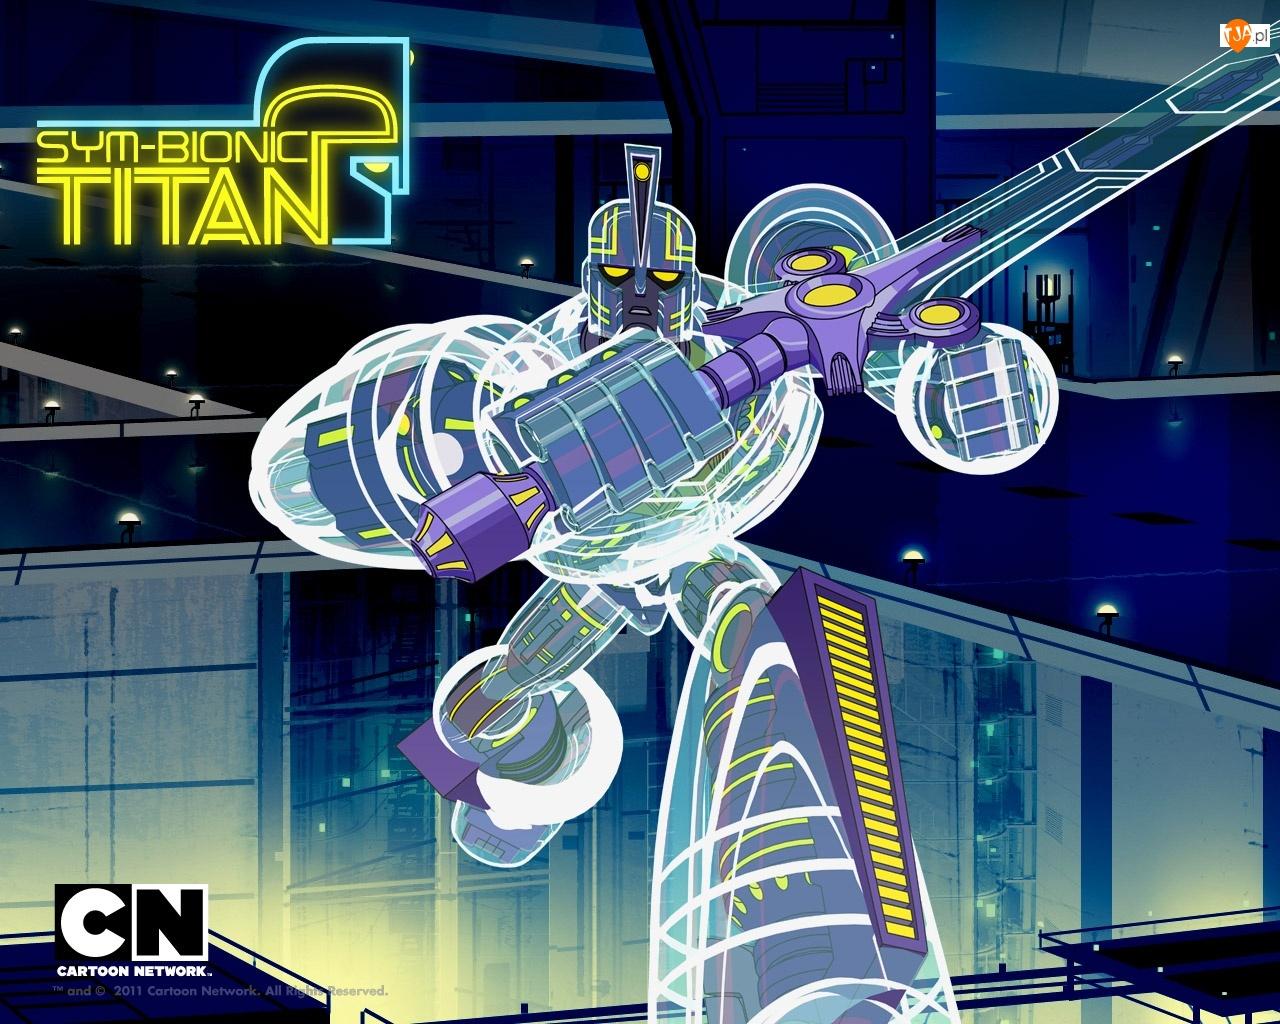 Miecz, Tytan, Bionik, Sym, Robot